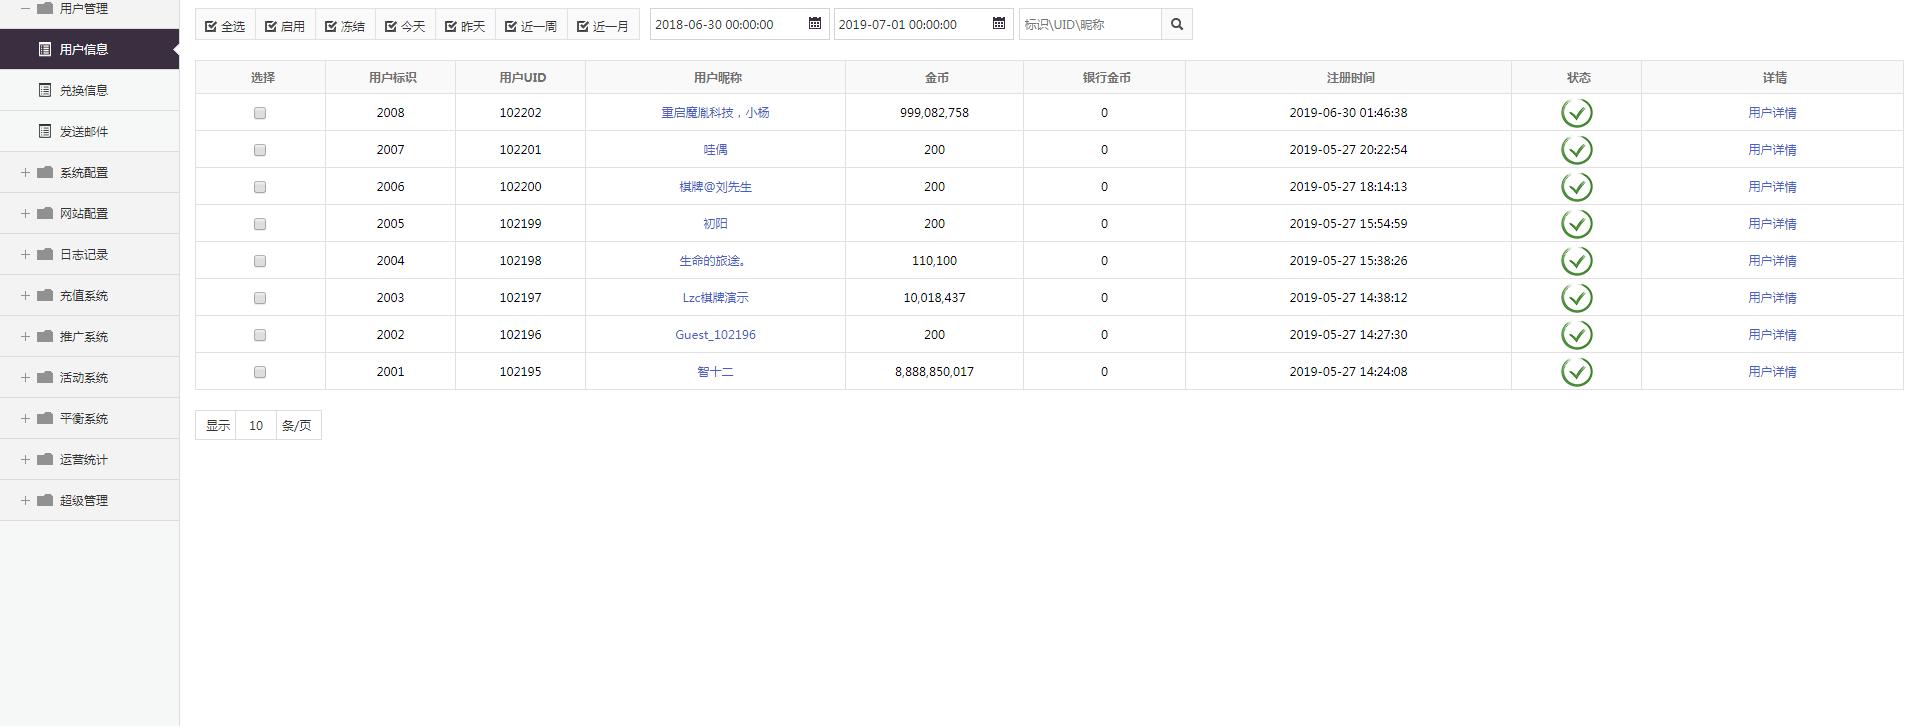 百棋星耀战龙版修复流水整理热更新子游戏下载加挂机模式14款游戏-第30张